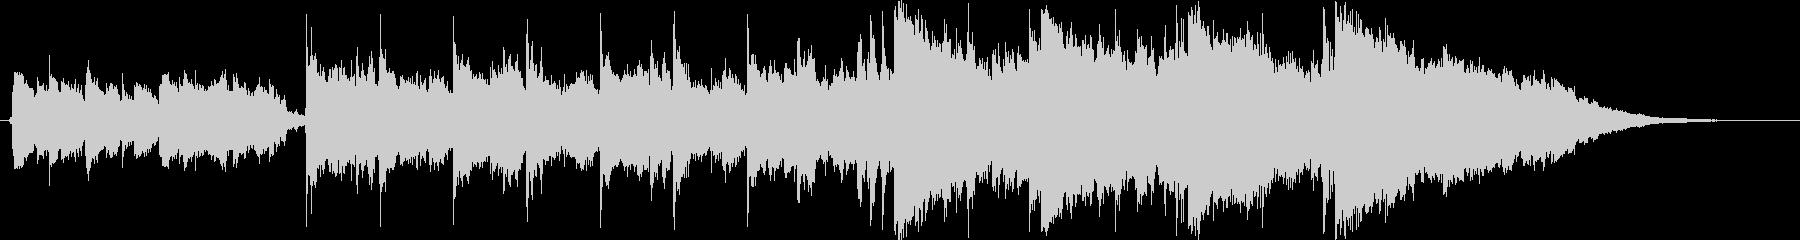 神聖なる森の入り口/ギターアルペジオの未再生の波形